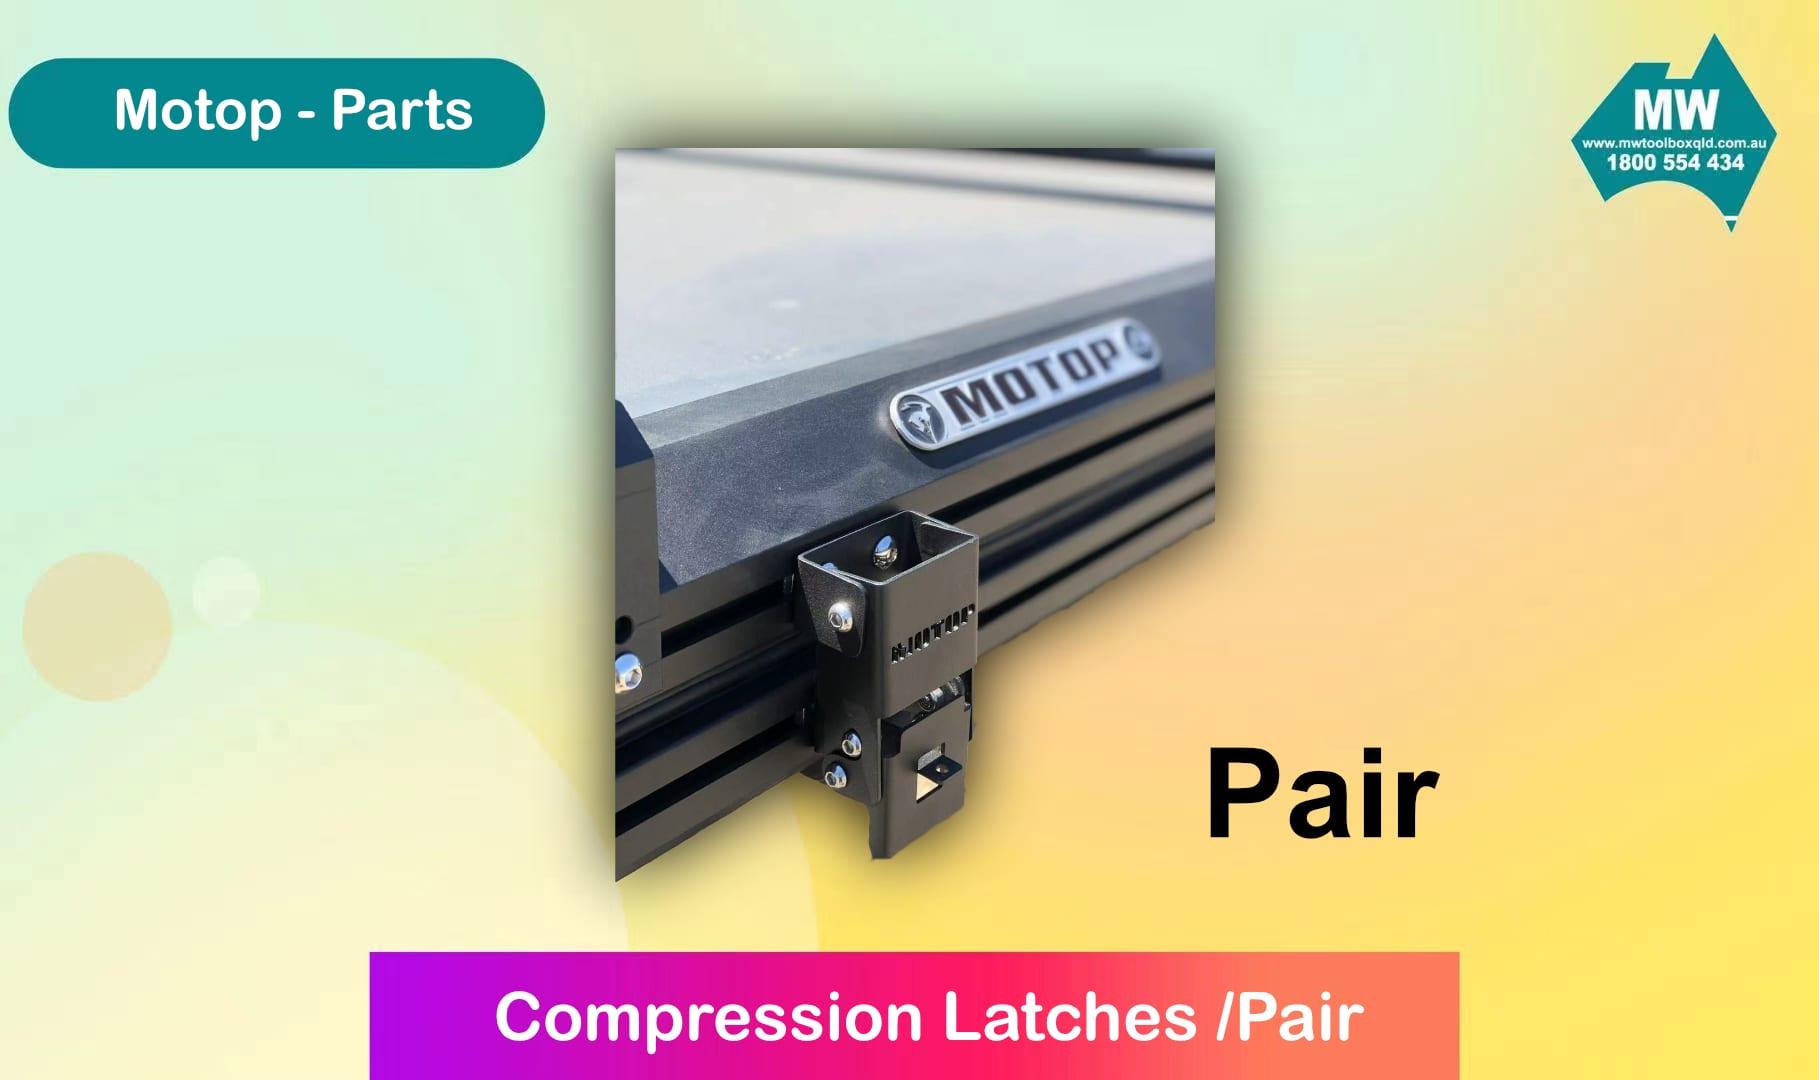 Compression Latches